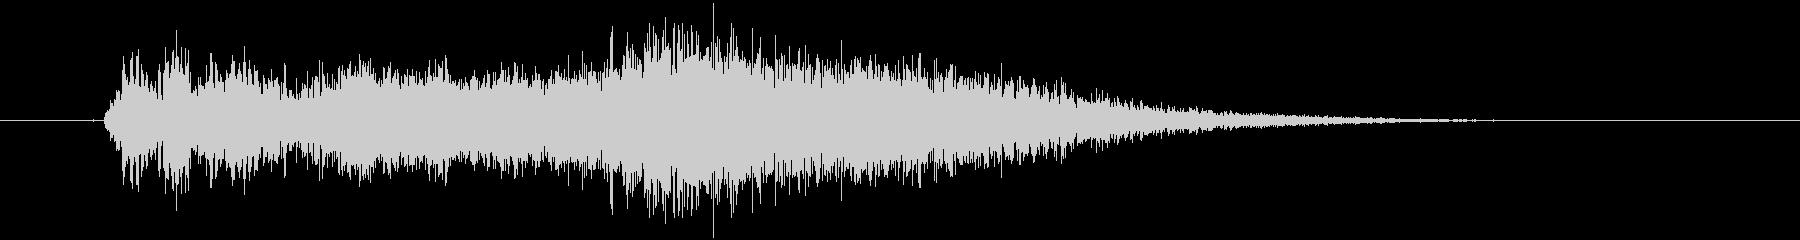 タイトルロゴ(宇宙・SFホラー)の未再生の波形